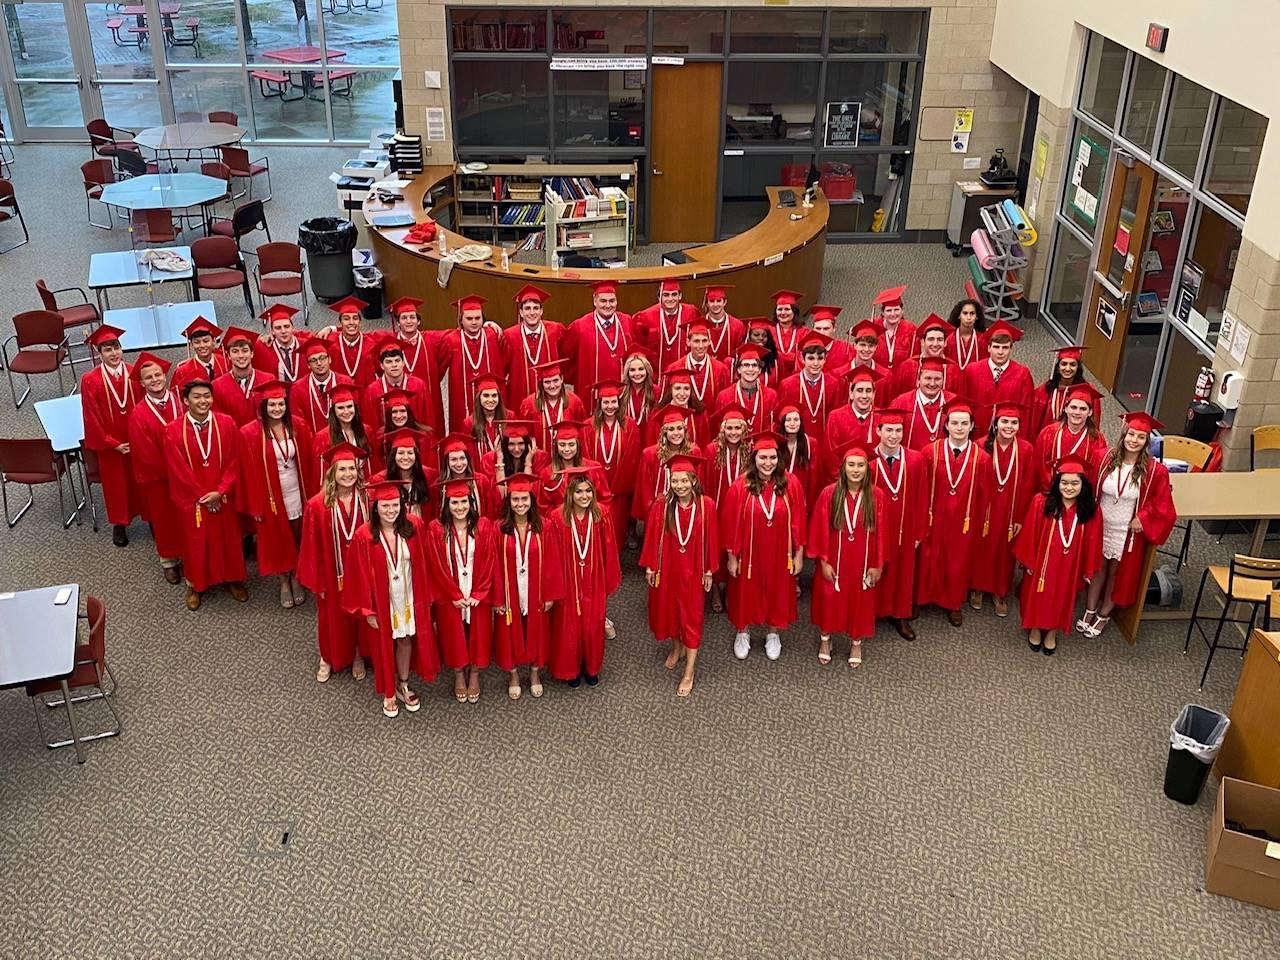 Indian Hill High School Class of 2021 Graduation